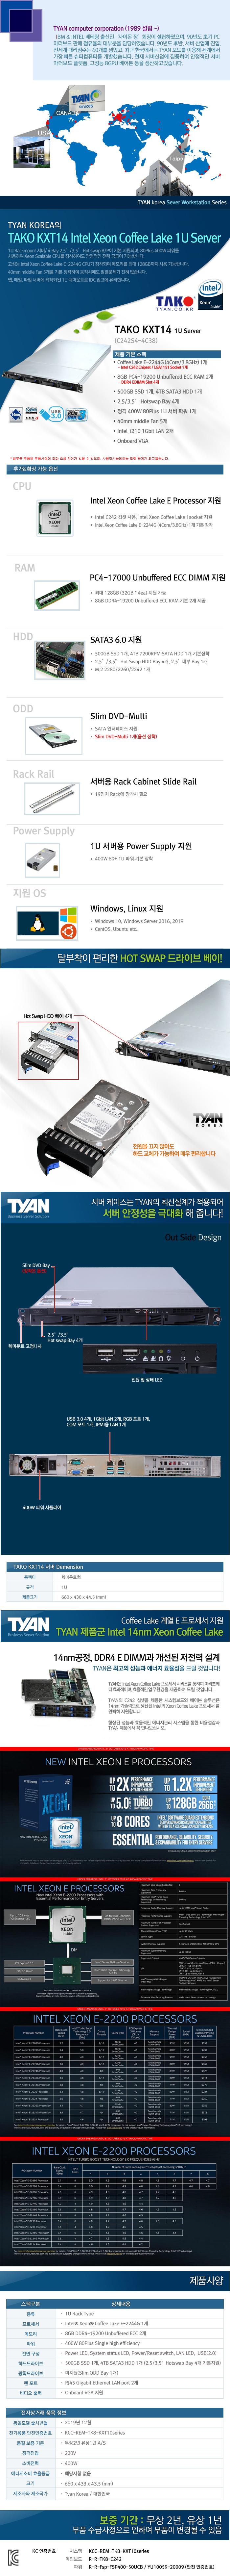 TYAN TAKO-KXT14-(C242S4-4C38) (16GB, SSD 500GB + 4TB)